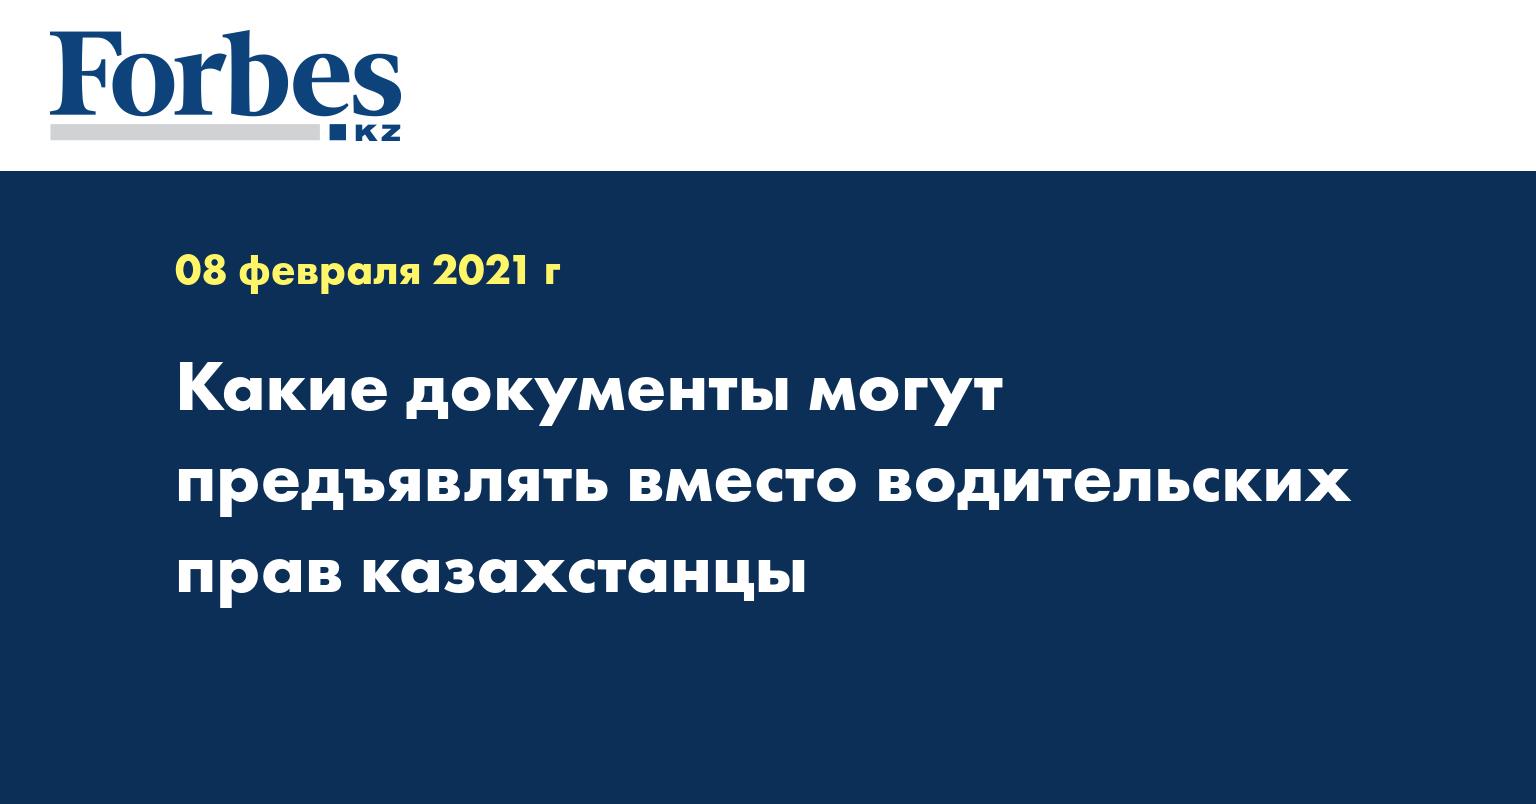 Какие документы могут предъявлять вместо водительских прав казахстанцы